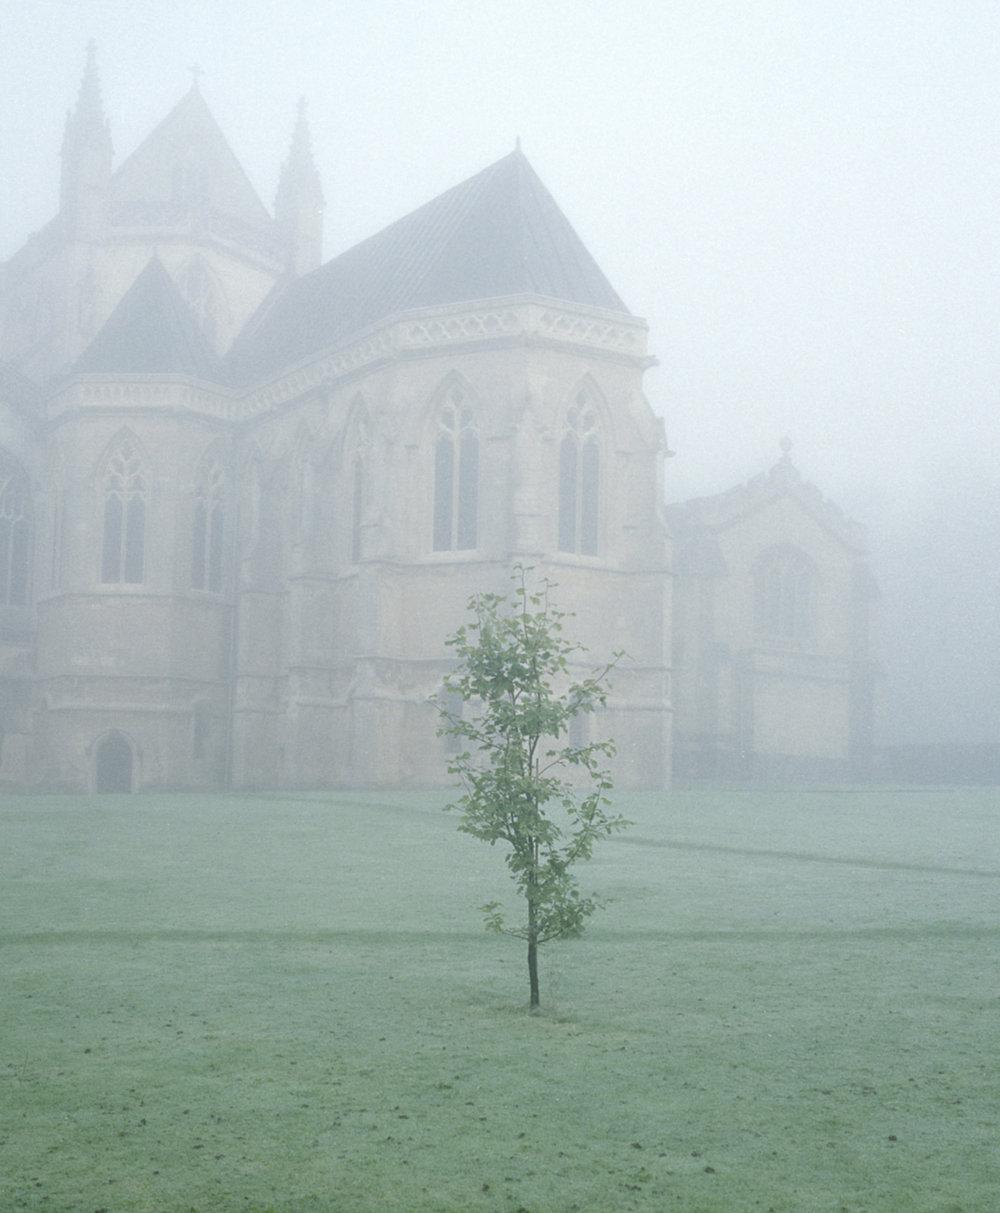 Fog before lauds, Downside Abbey 2015.